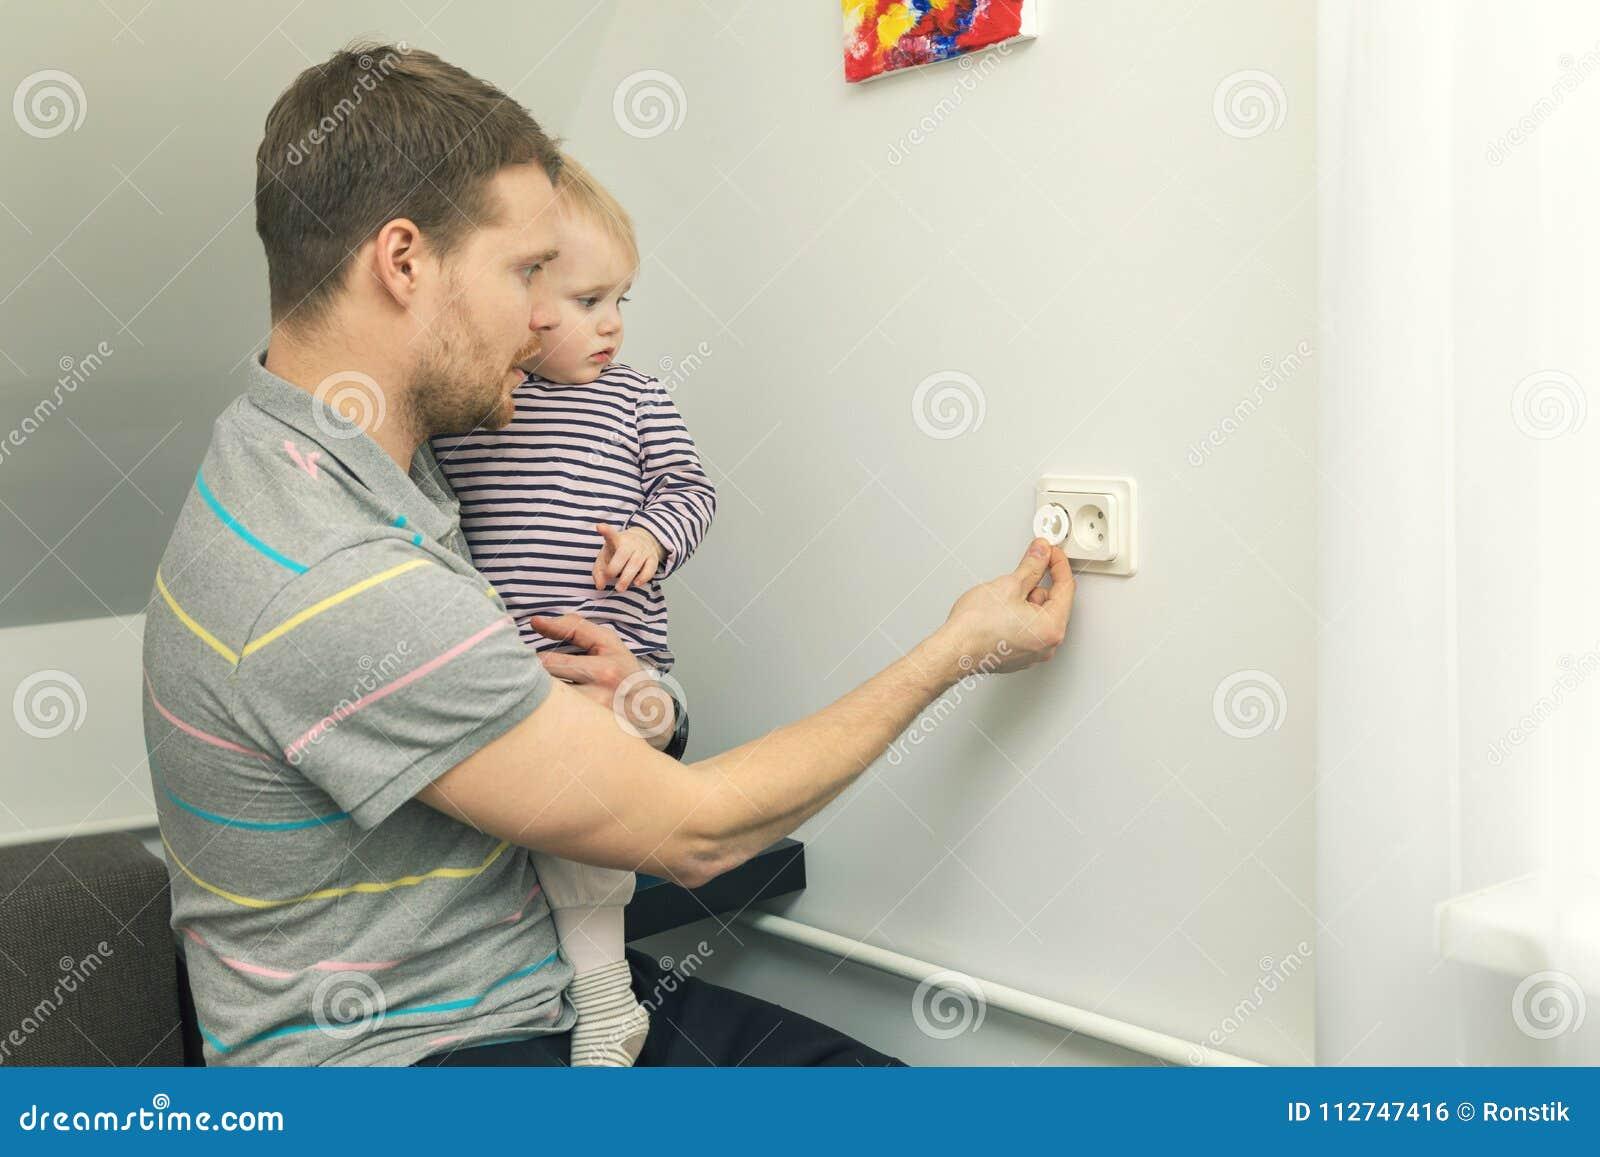 Hemmastadd barnsäkerhet fadern skyddar ungen från elektrisk skada